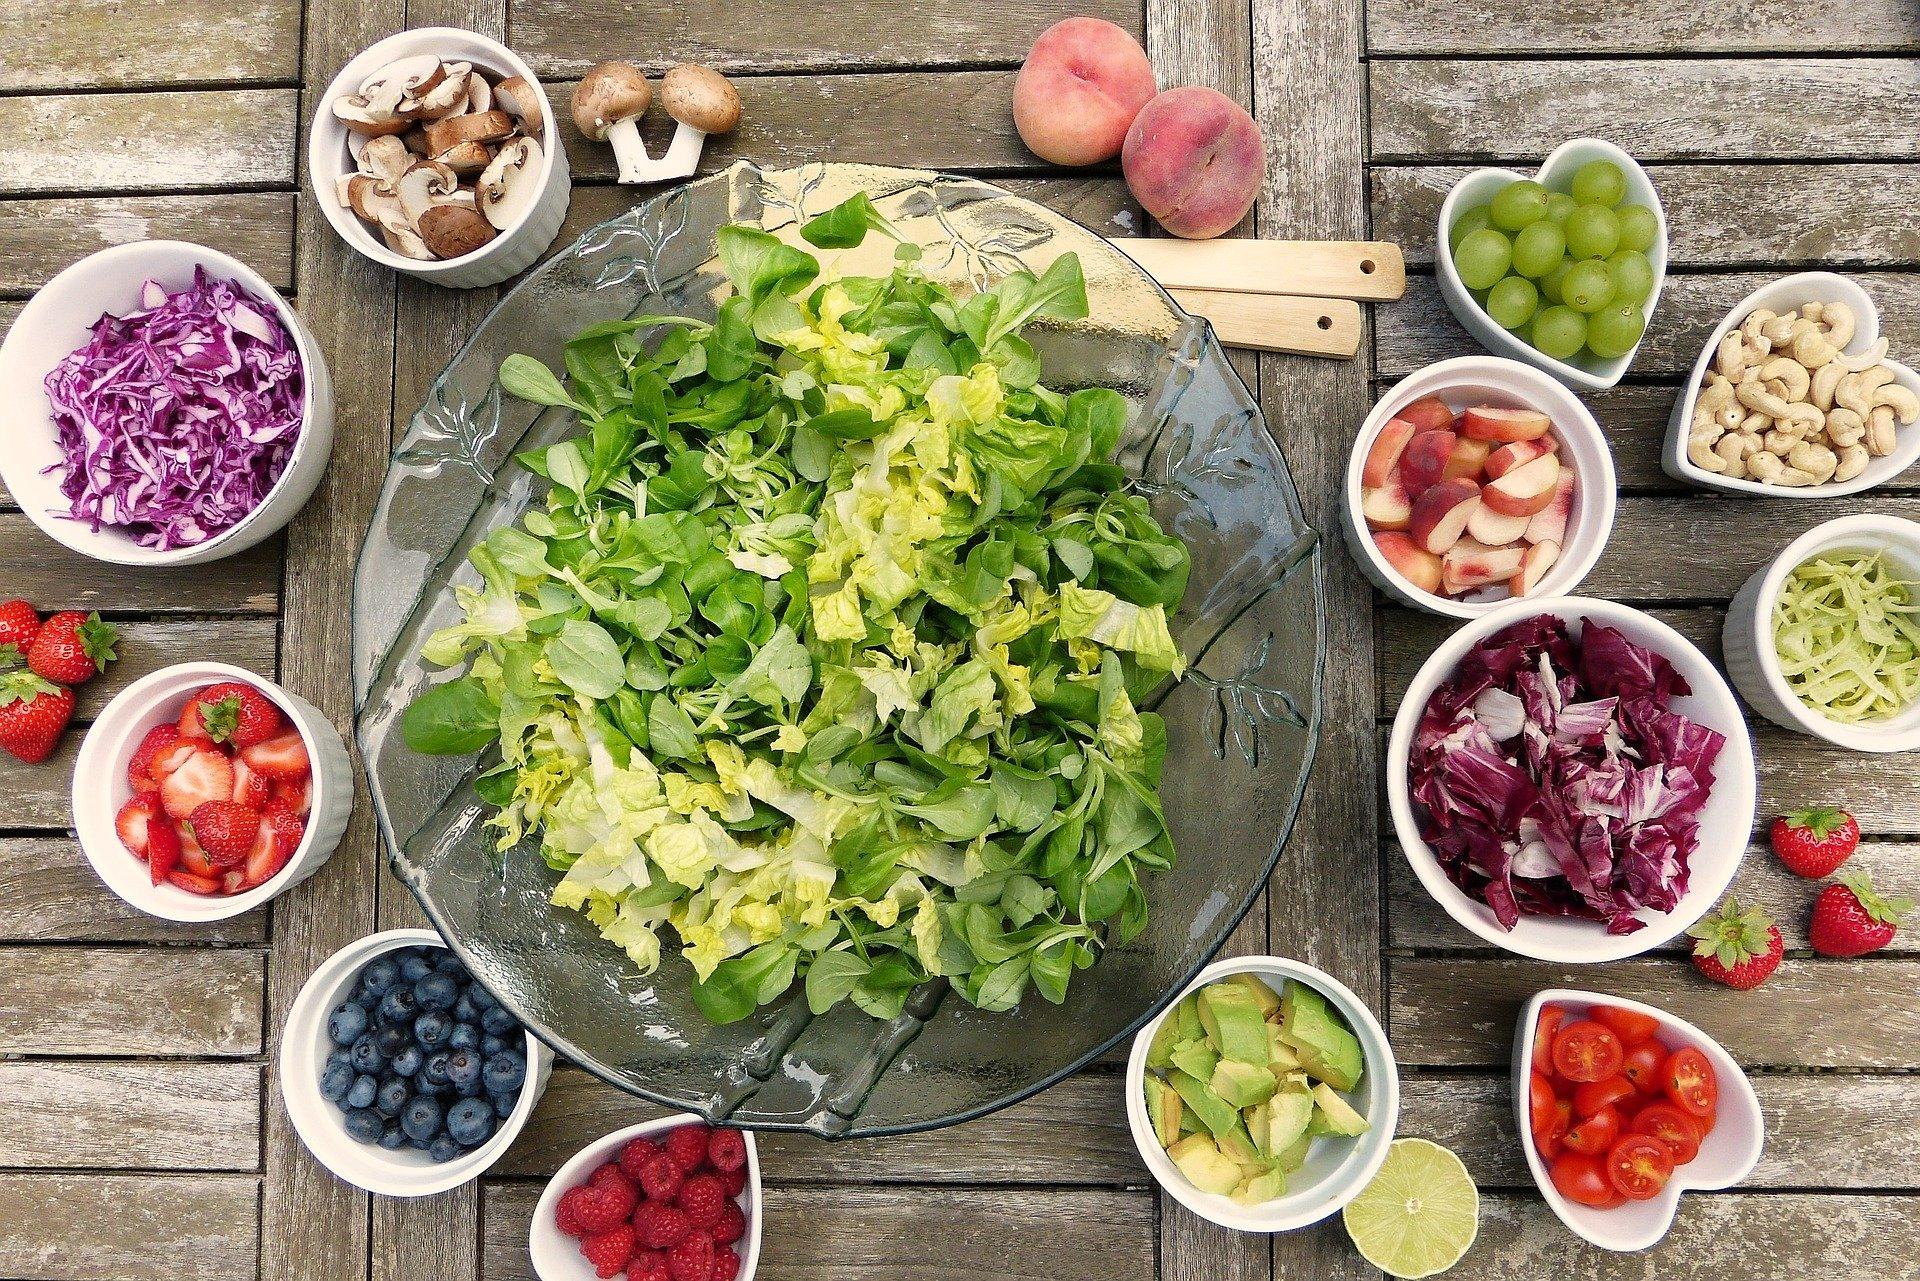 vegan diet vital supplements